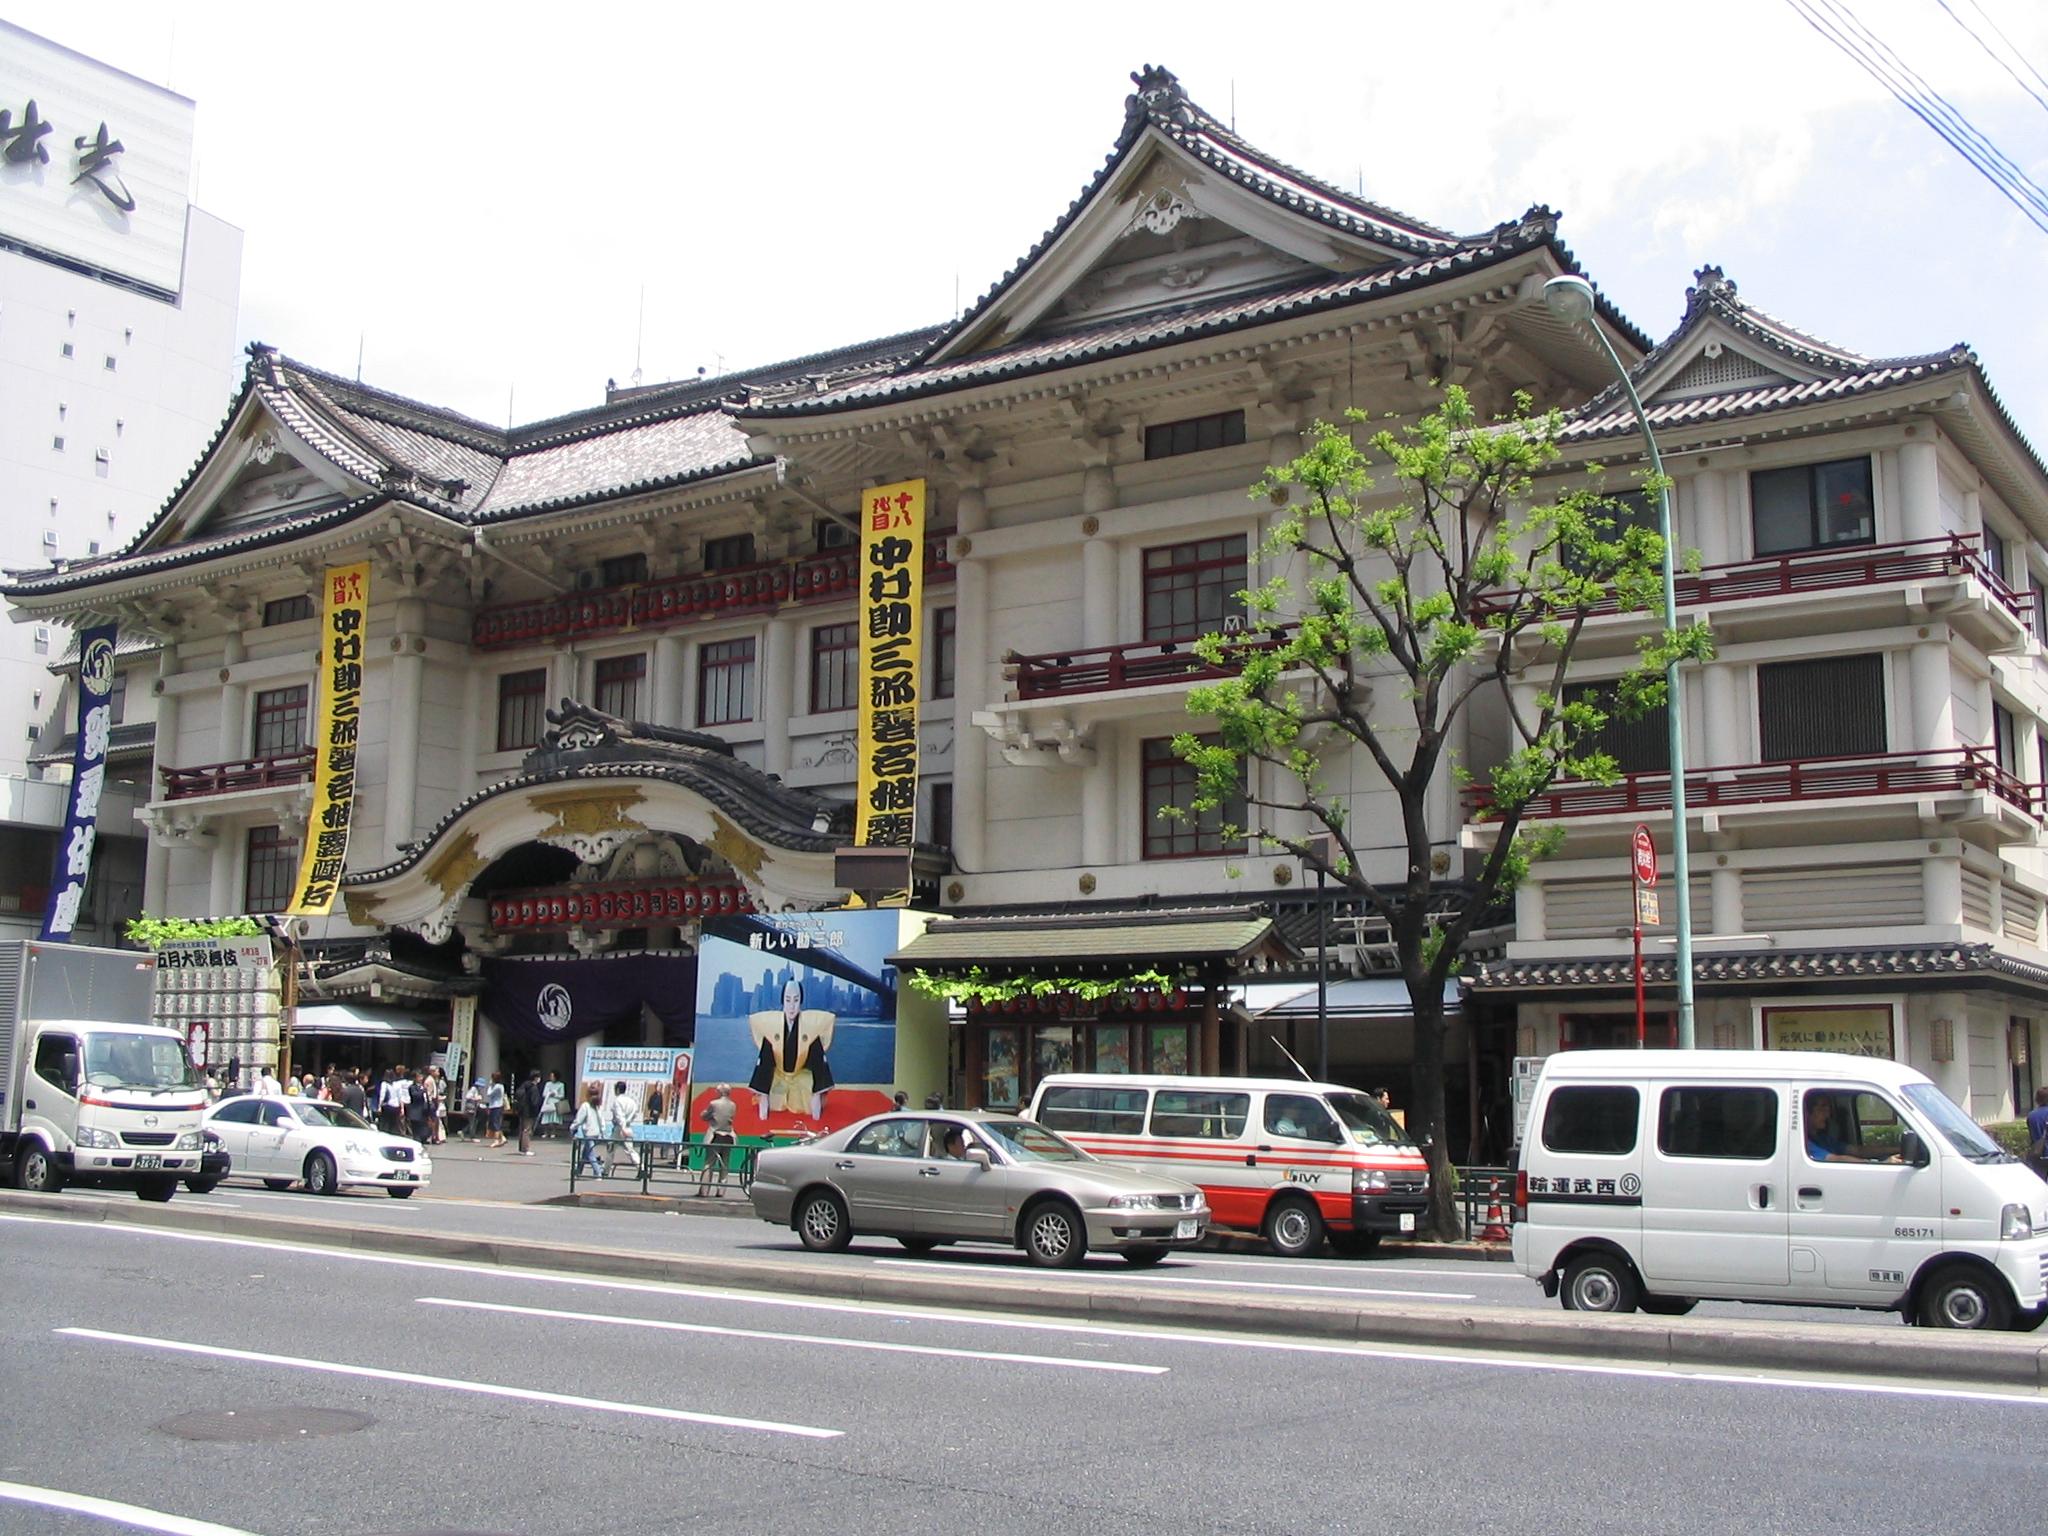 Kabuki-za Theatre, Tokyo